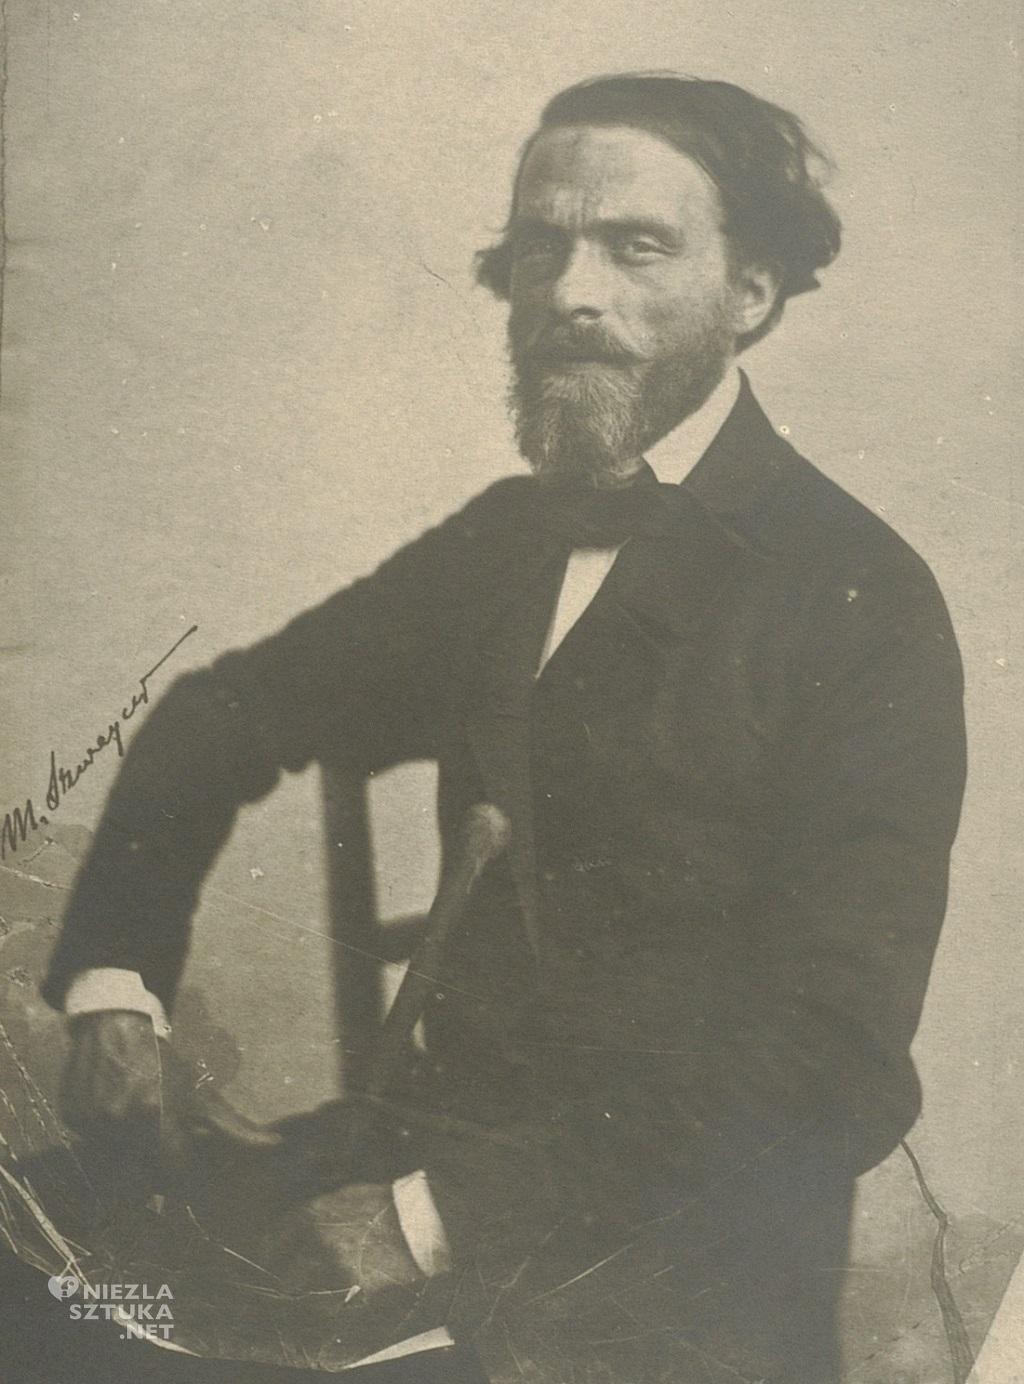 Cyprian Kamil Norwid | przed 1930, źródło: POLONA